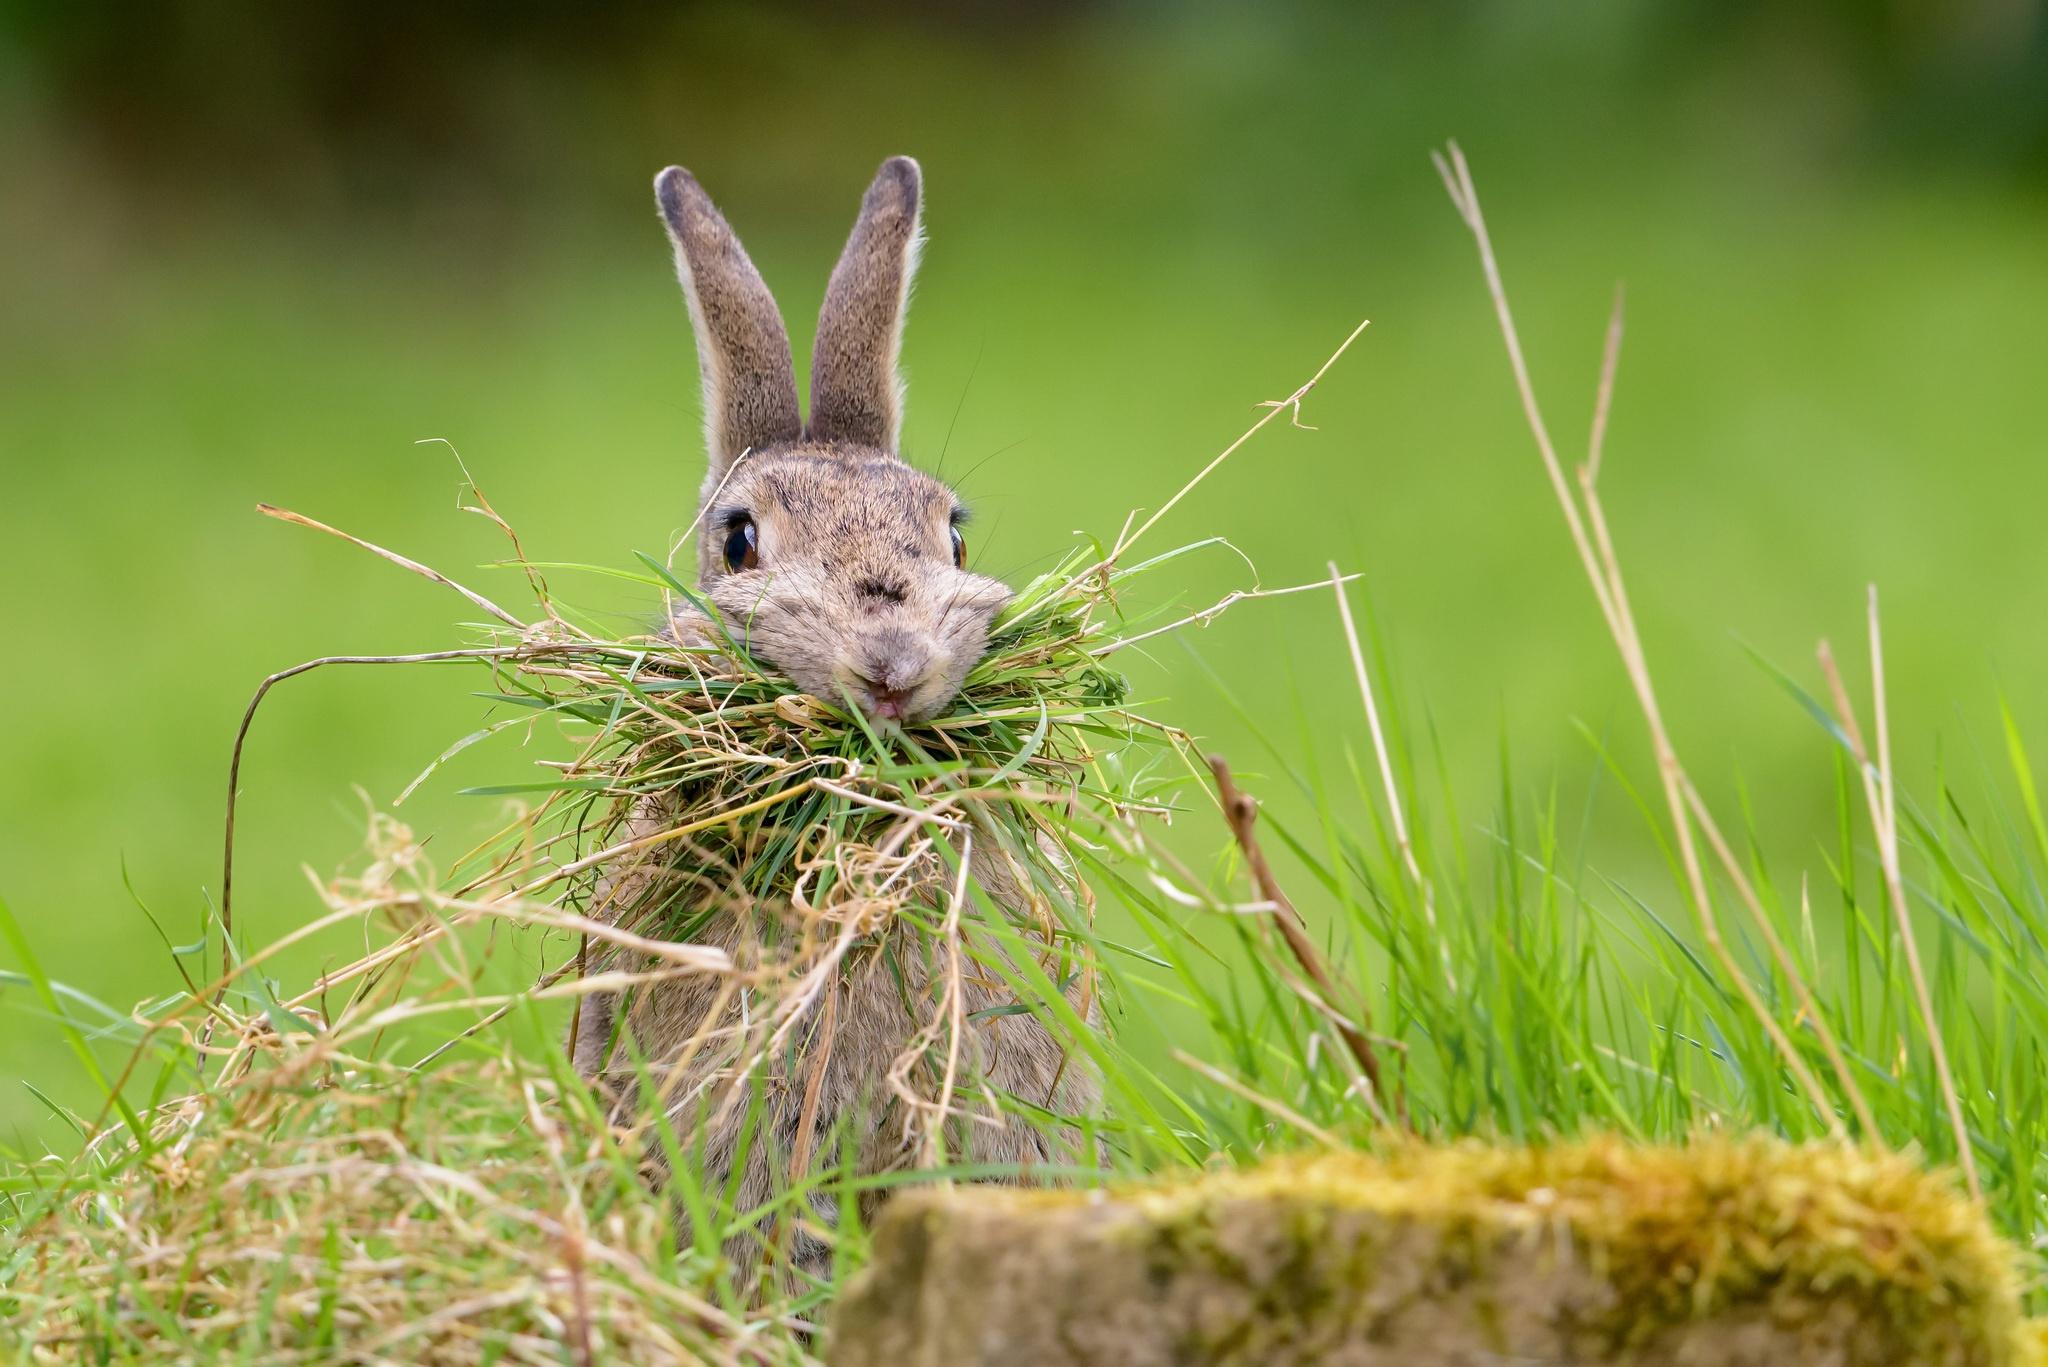 забавные картинки зайцев предварительным данным, причиной